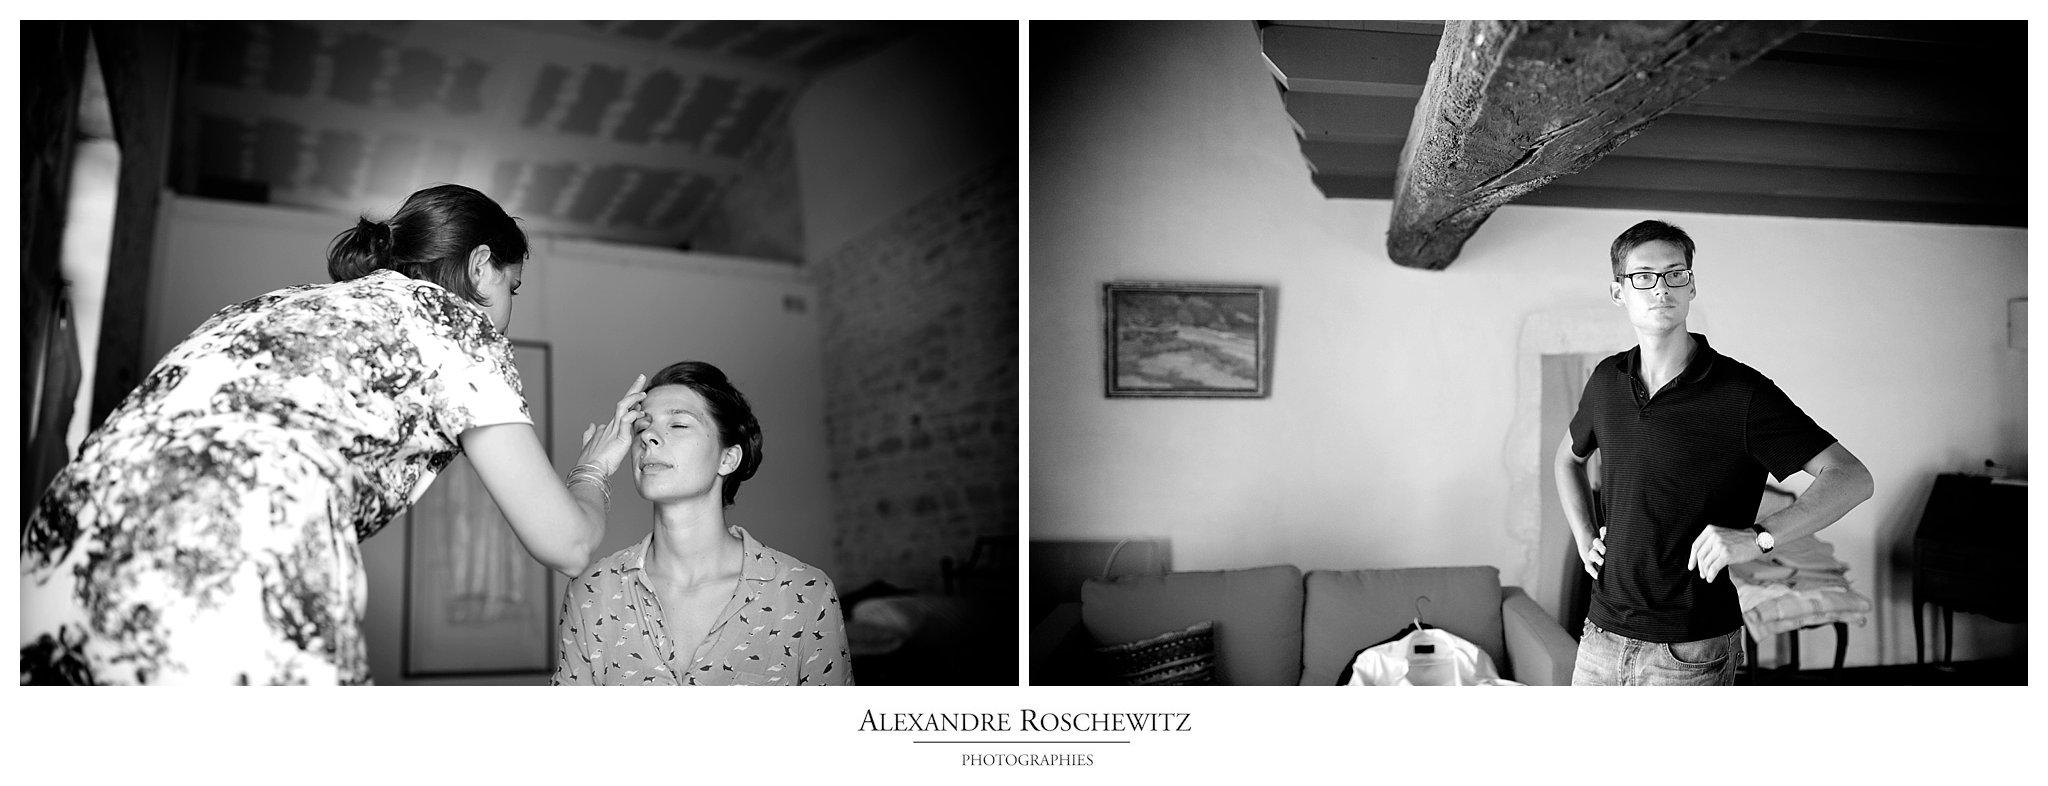 Les photos du mariage civil et laïque de Natacha et Olivier, à Corme écluse puis au Domaine du Seudre à Saint-Germain du Seudre. Alexandre Roschewitz Photographies.